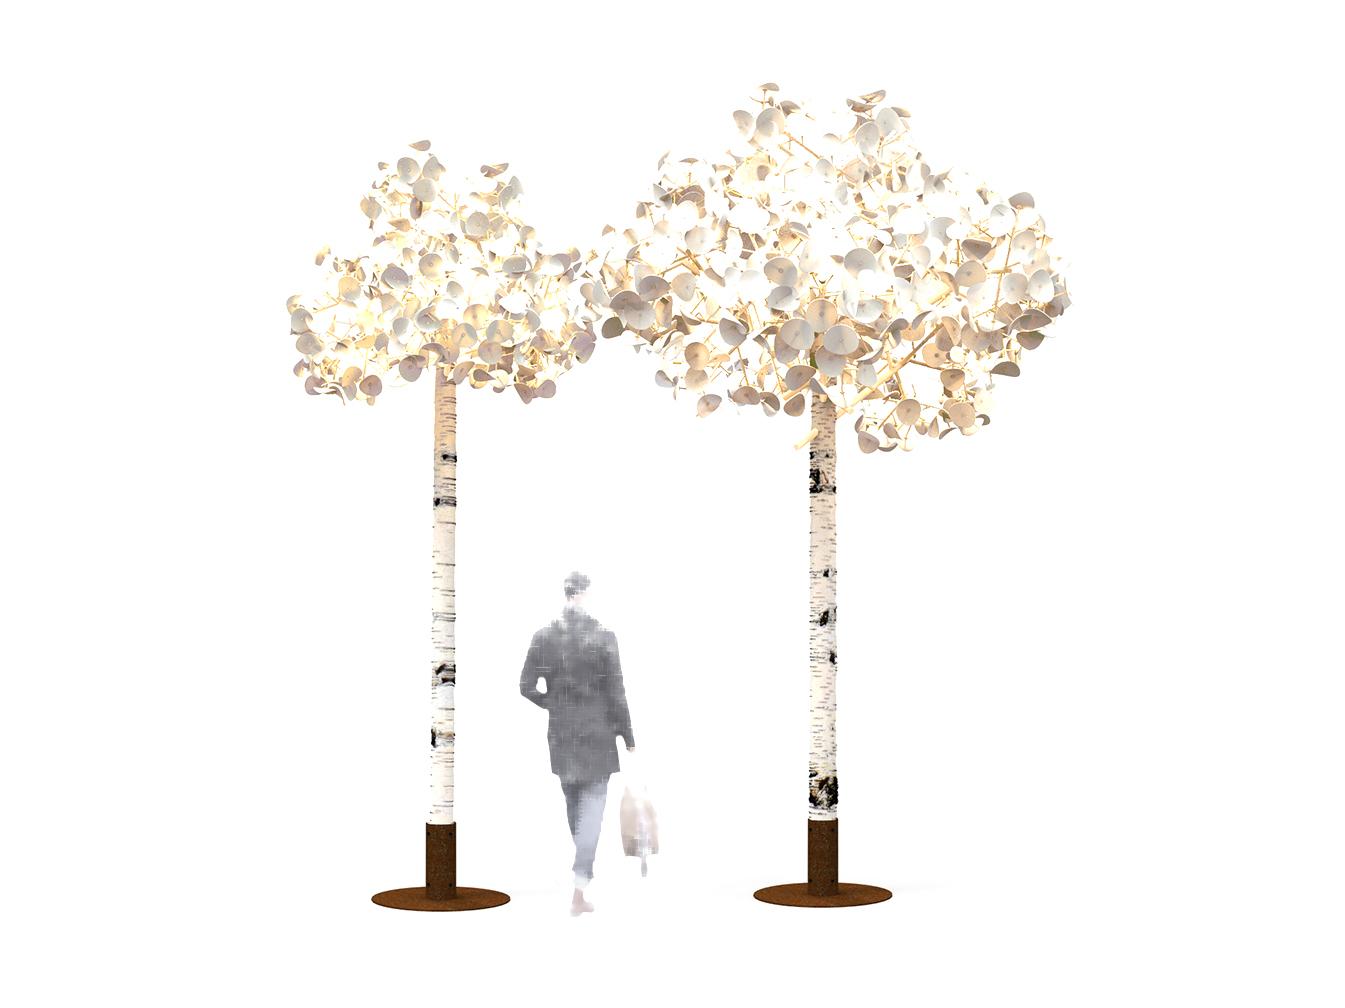 une lampe co design pour lieux publics d 39 int rieur composer my eco design. Black Bedroom Furniture Sets. Home Design Ideas